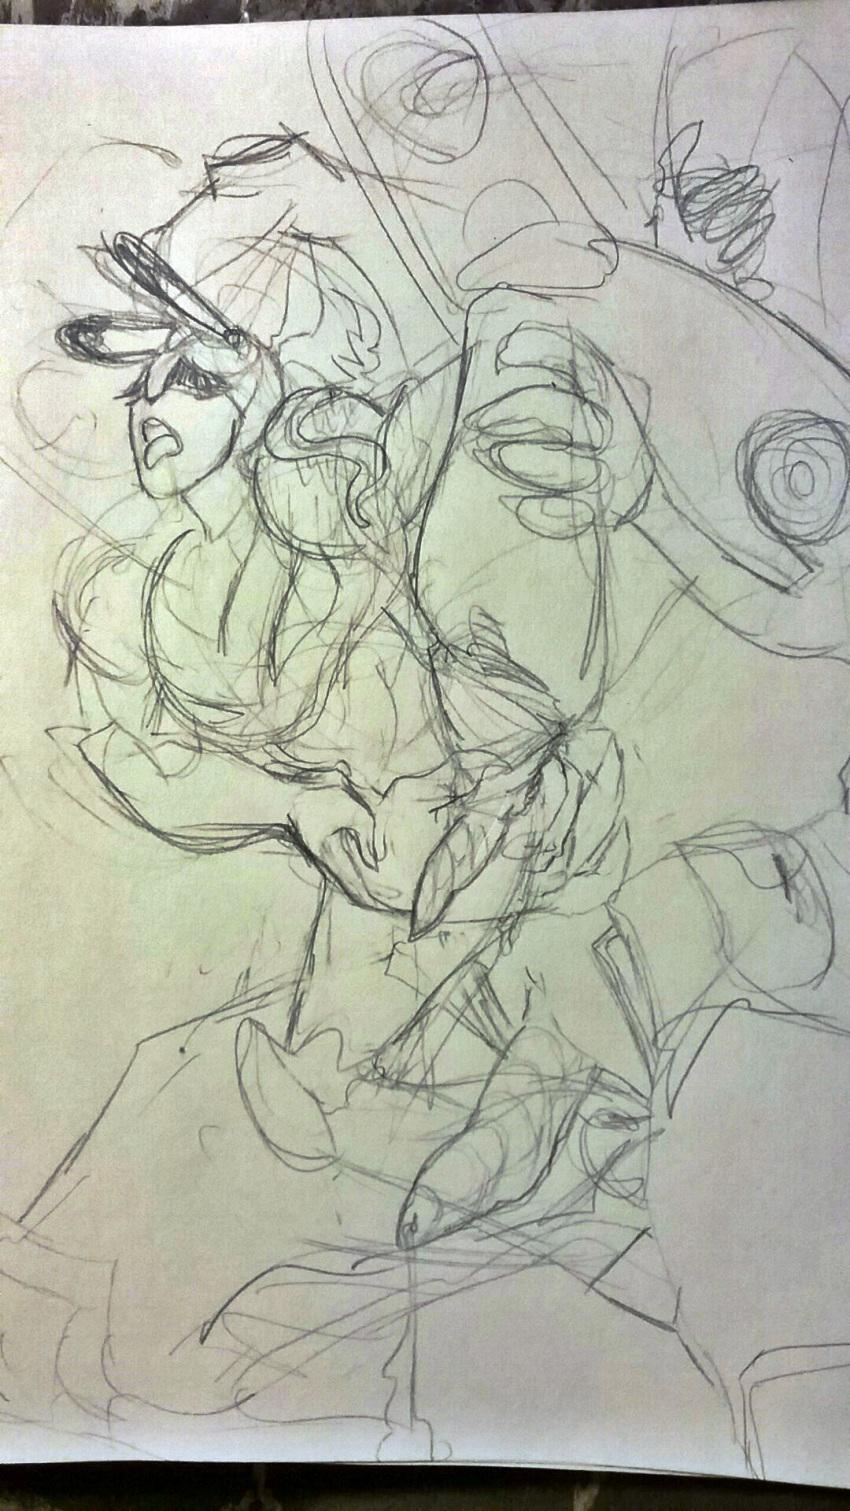 woman man to transformation animation Motto! haramse honoo no oppai isekai ero mahou gakuen!